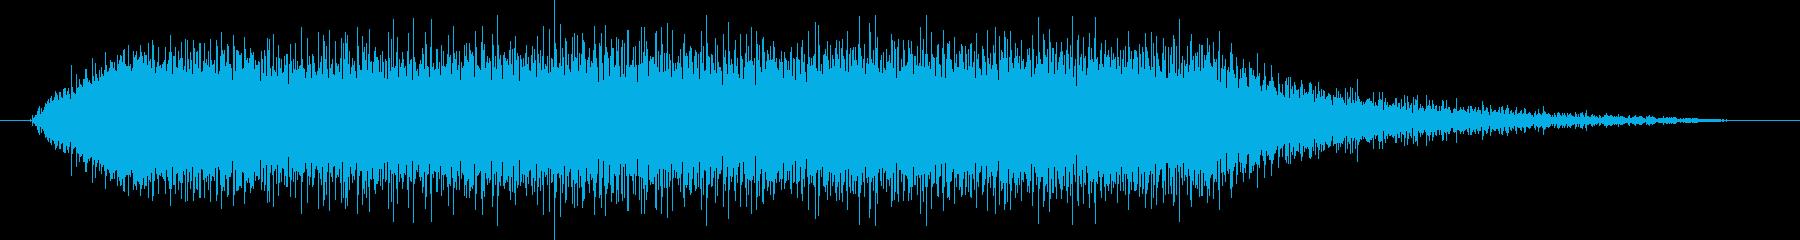 小型電動ジグソー:起動、実行、停止...の再生済みの波形